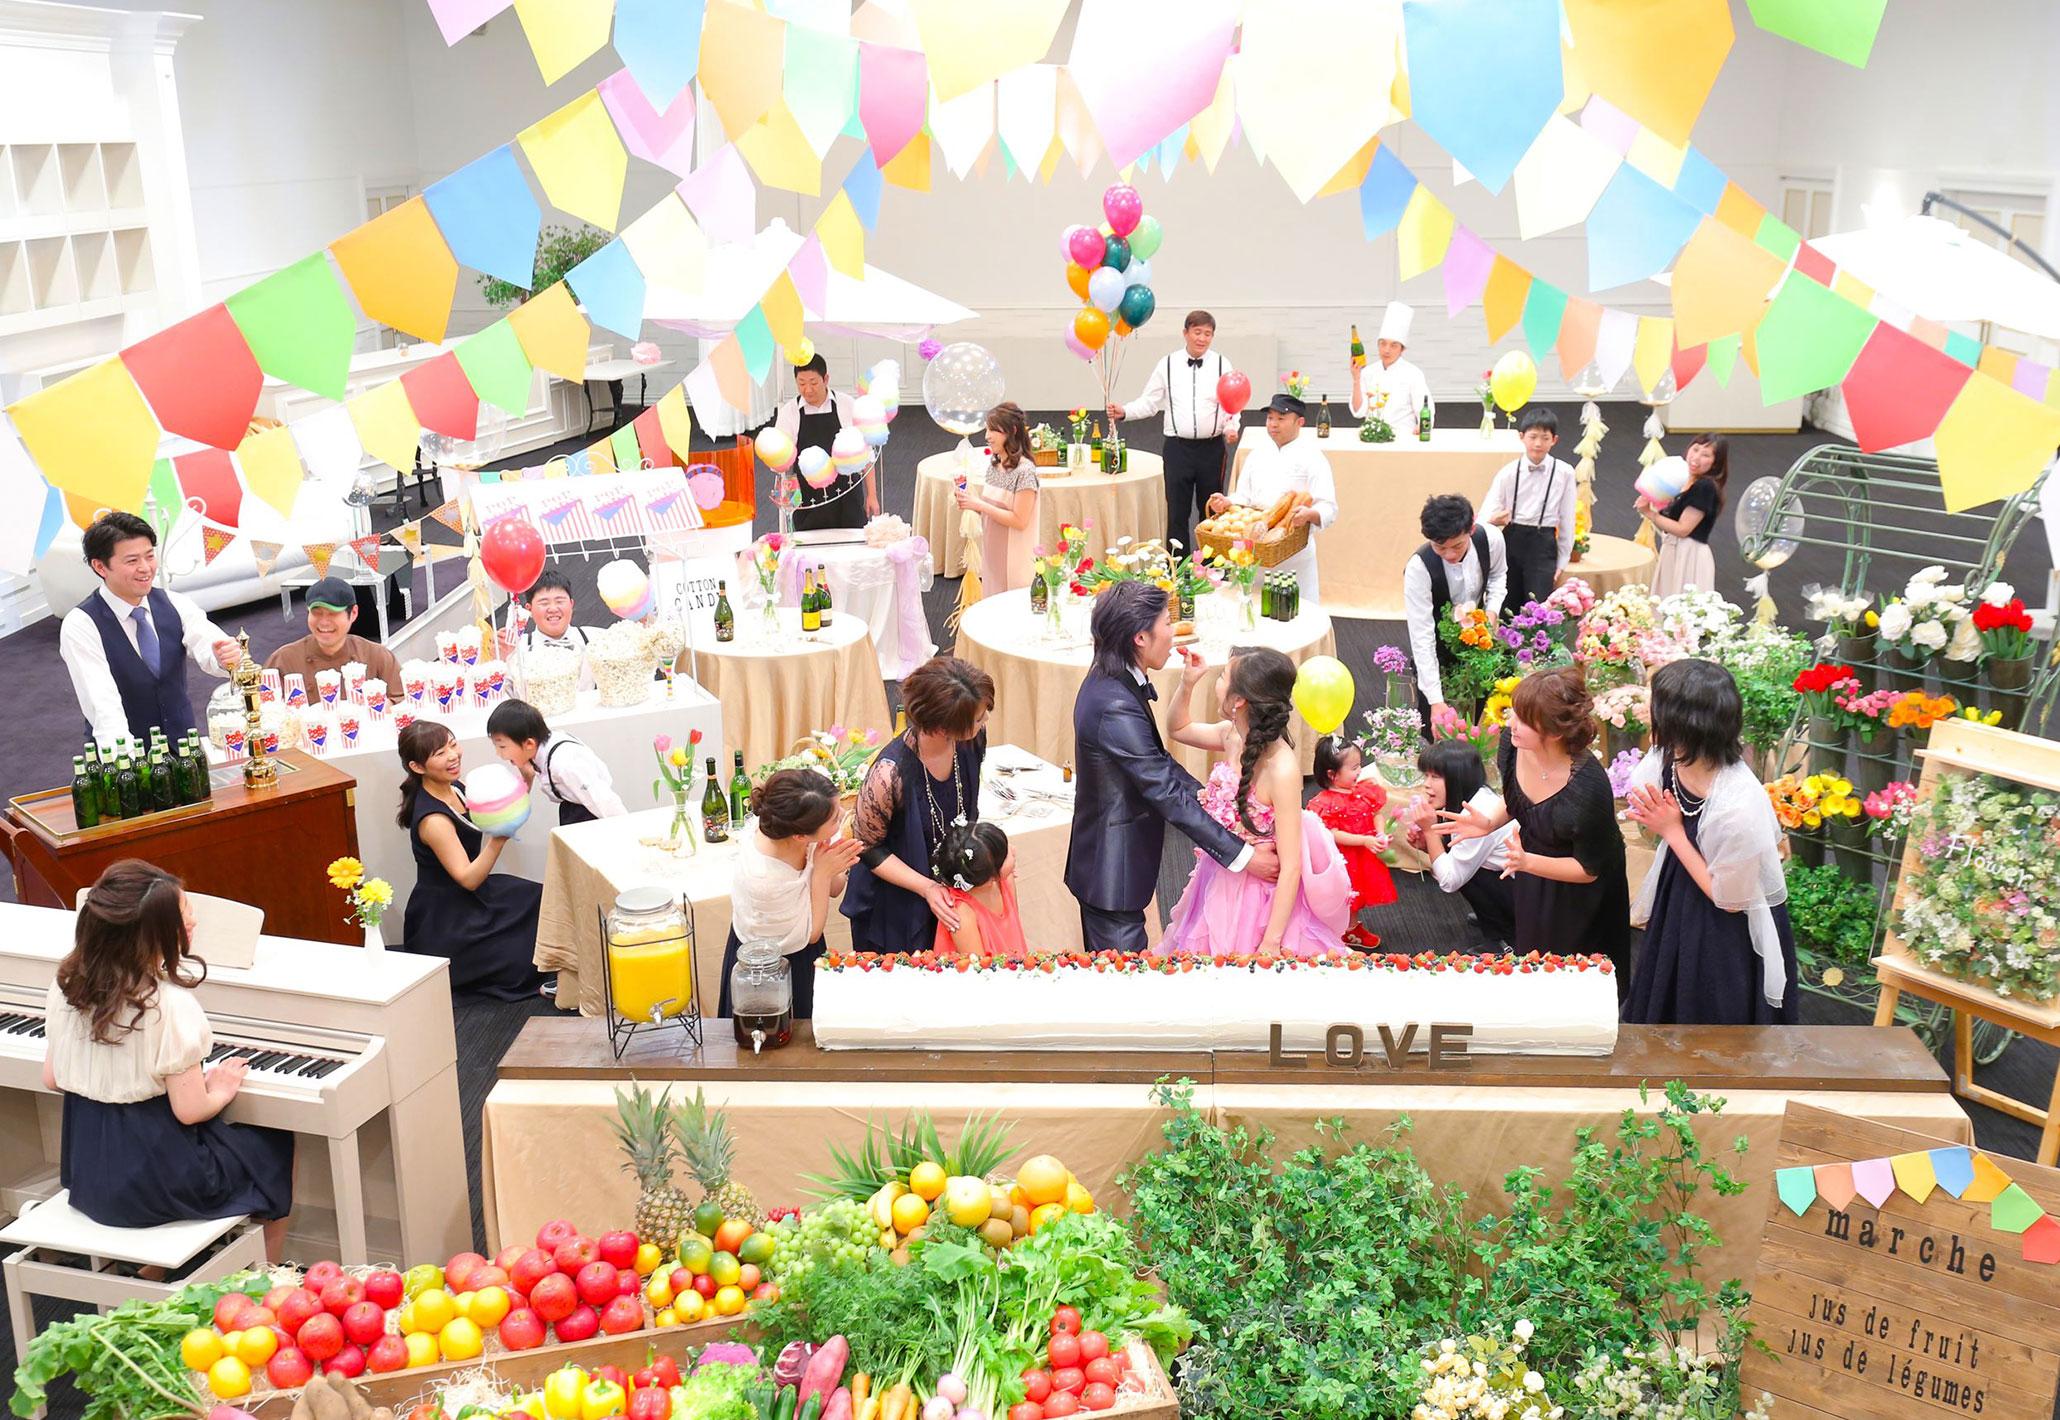 カーニバルを思わせるワンシーン|愛媛県松山市の結婚式場ベルフォーレ松山